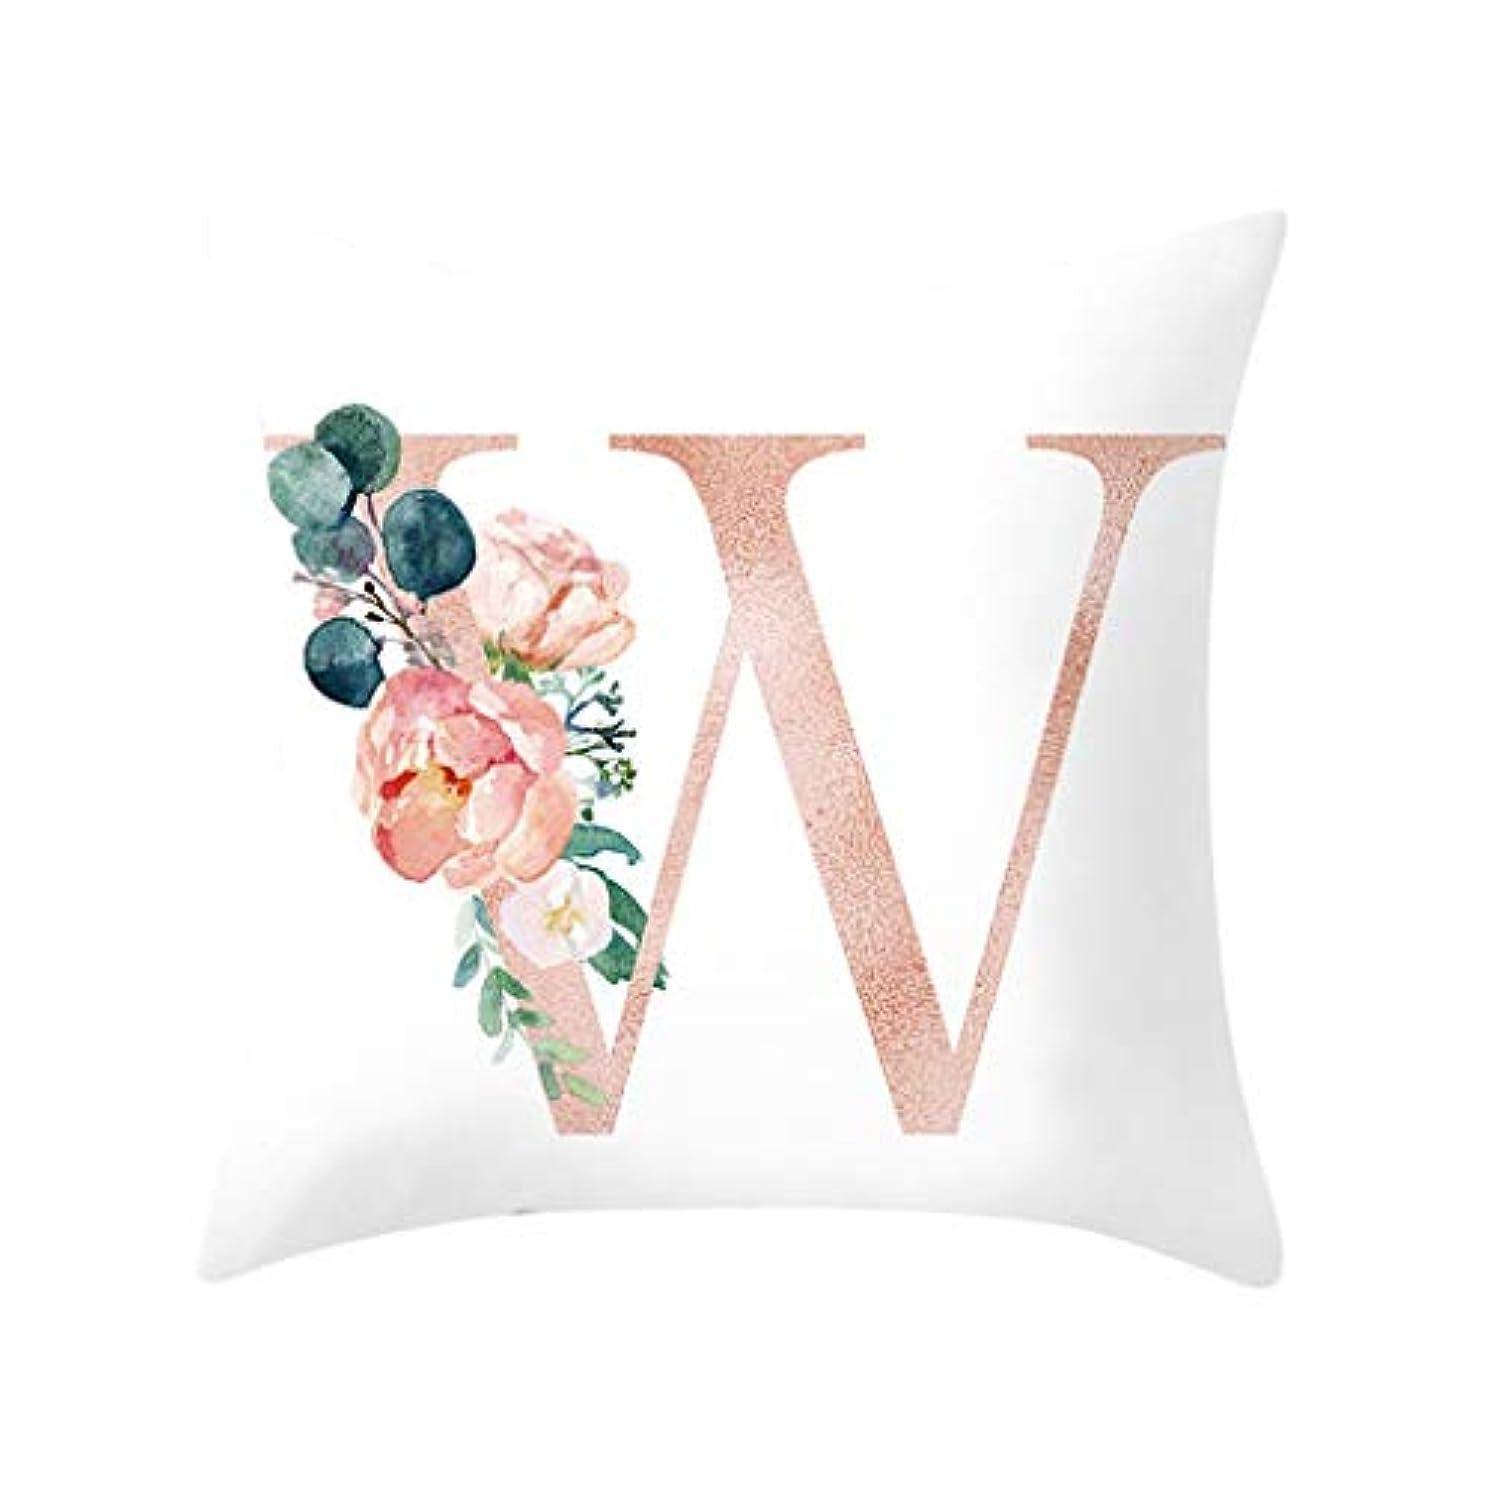 ジャンクベーカリーるLIFE 装飾クッションソファ手紙枕アルファベットクッション印刷ソファ家の装飾の花枕 coussin decoratif クッション 椅子